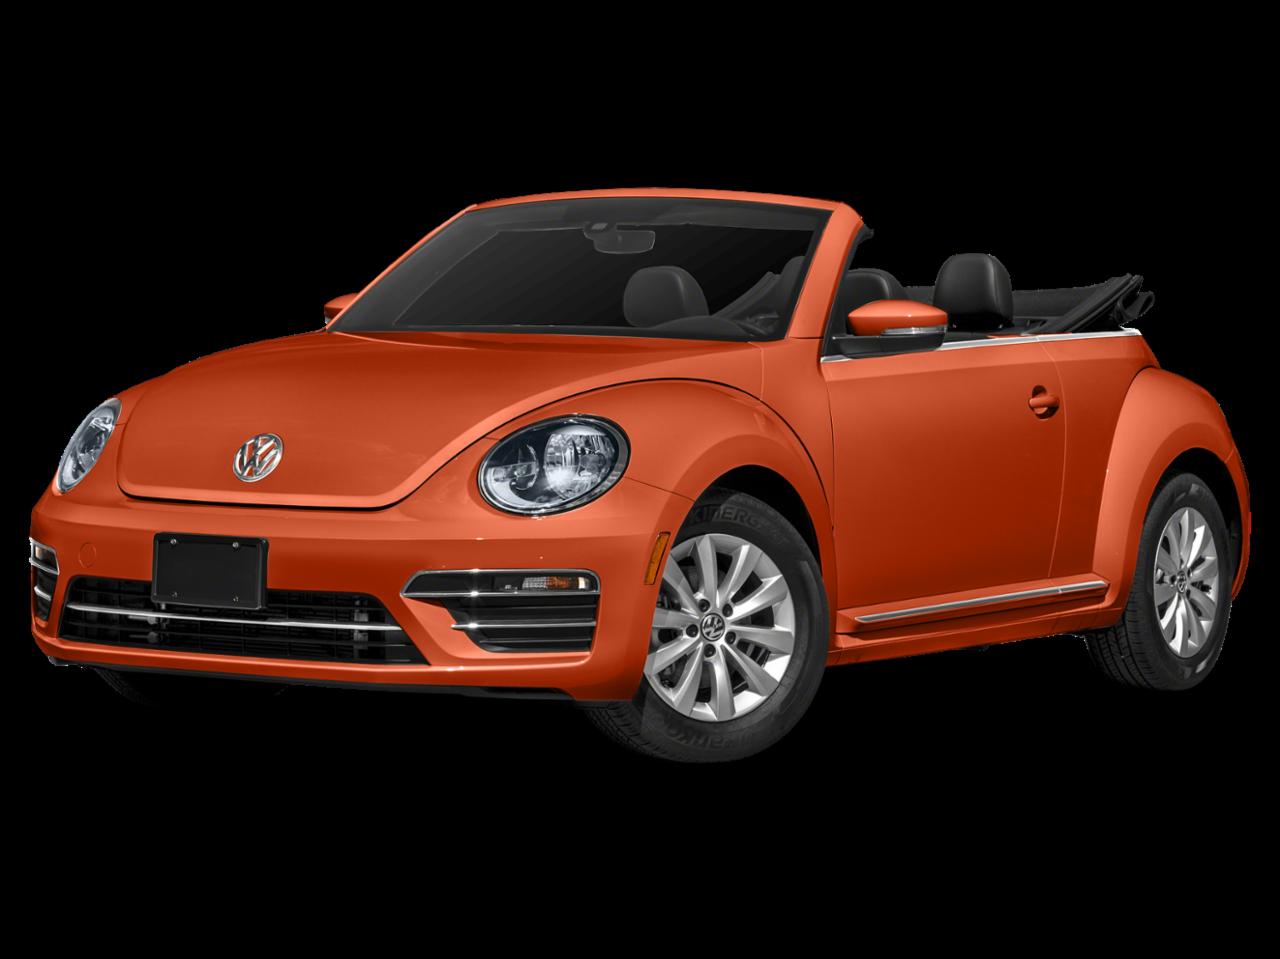 New Volkswagen Beetle Convertible From Your Santa Cruz Ca Dealership Volkswagen Of Santa Cruz The Superstore